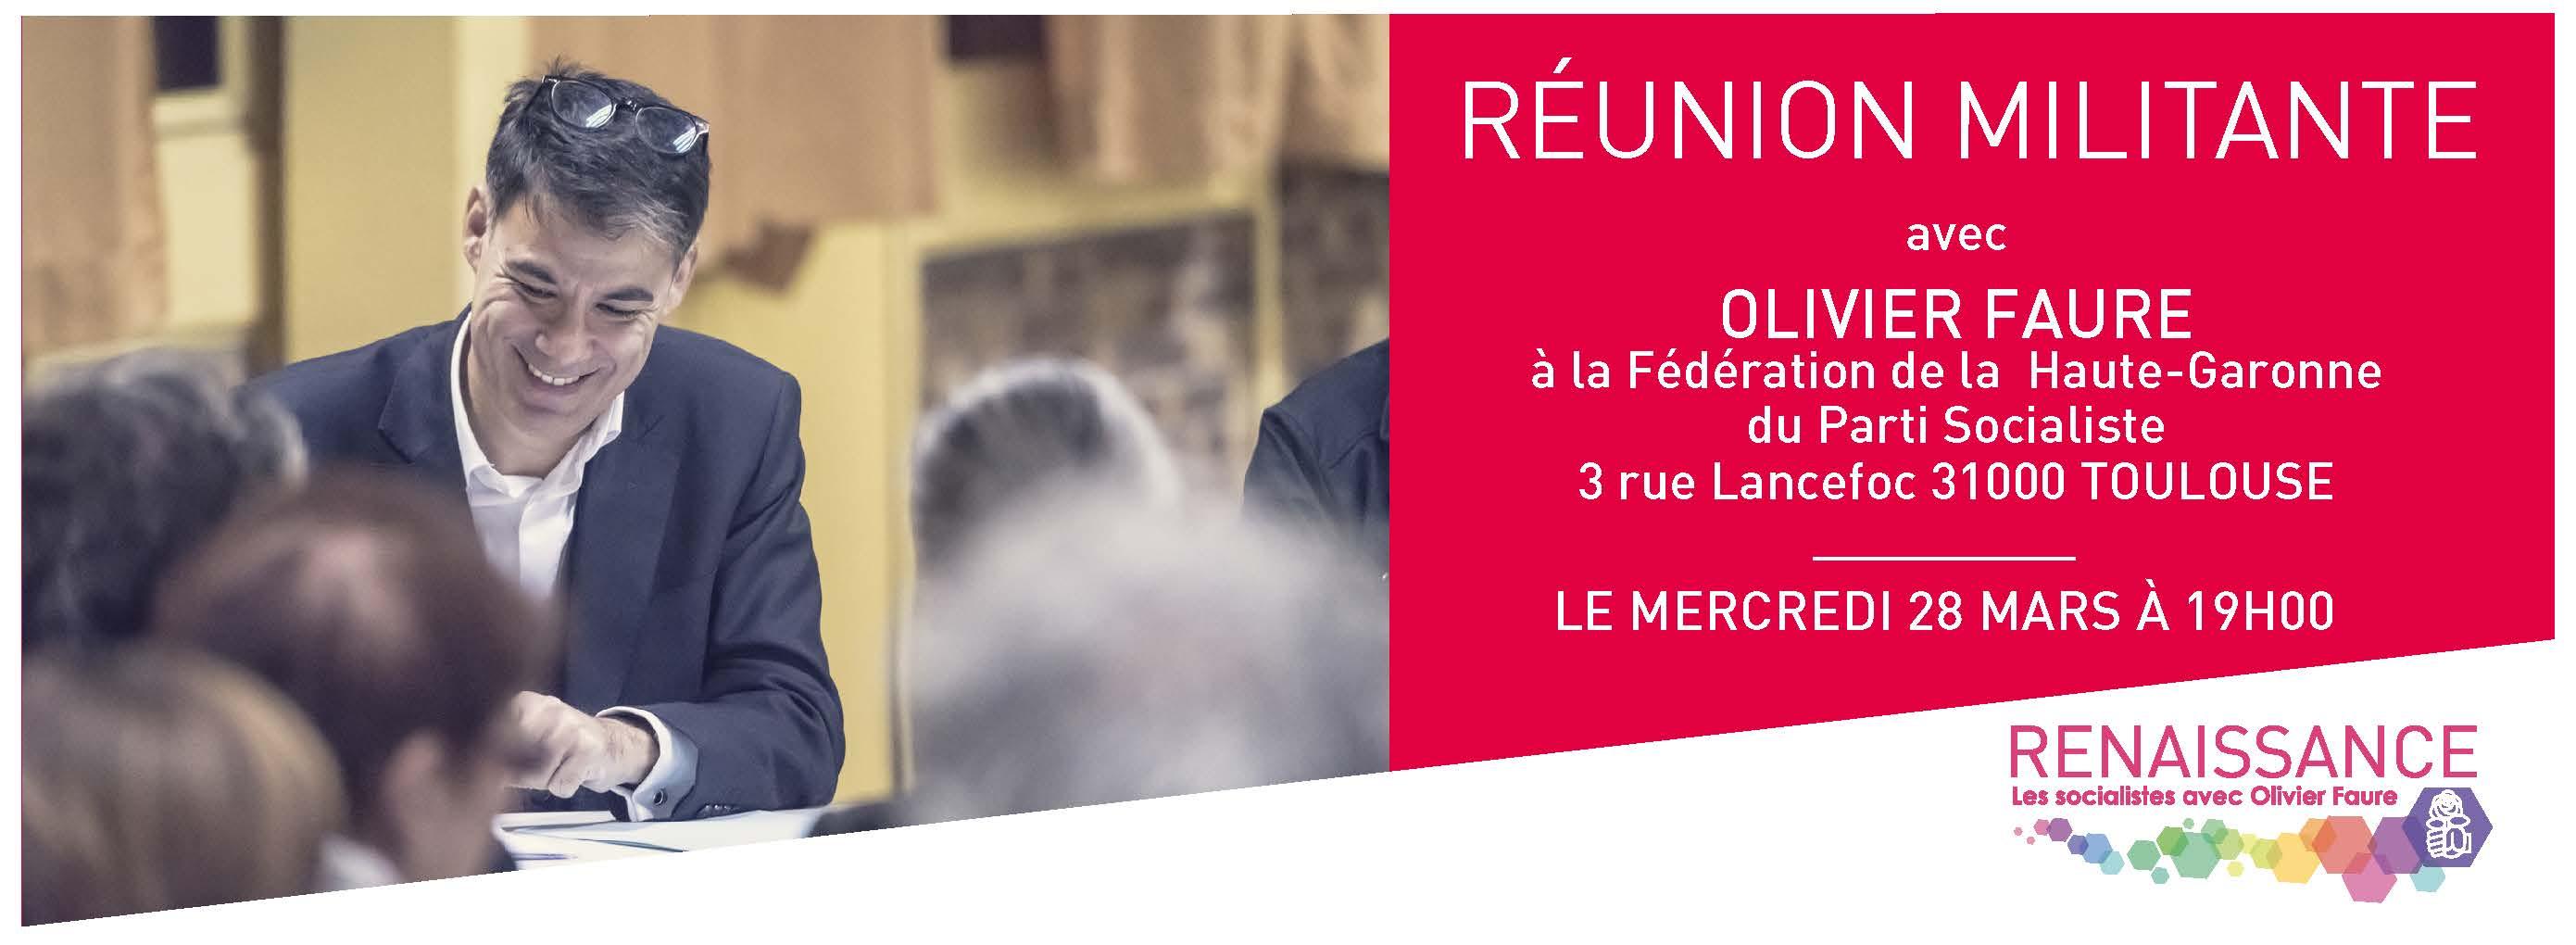 Olivier FAURE sera à Toulouse mercredi 28 mars